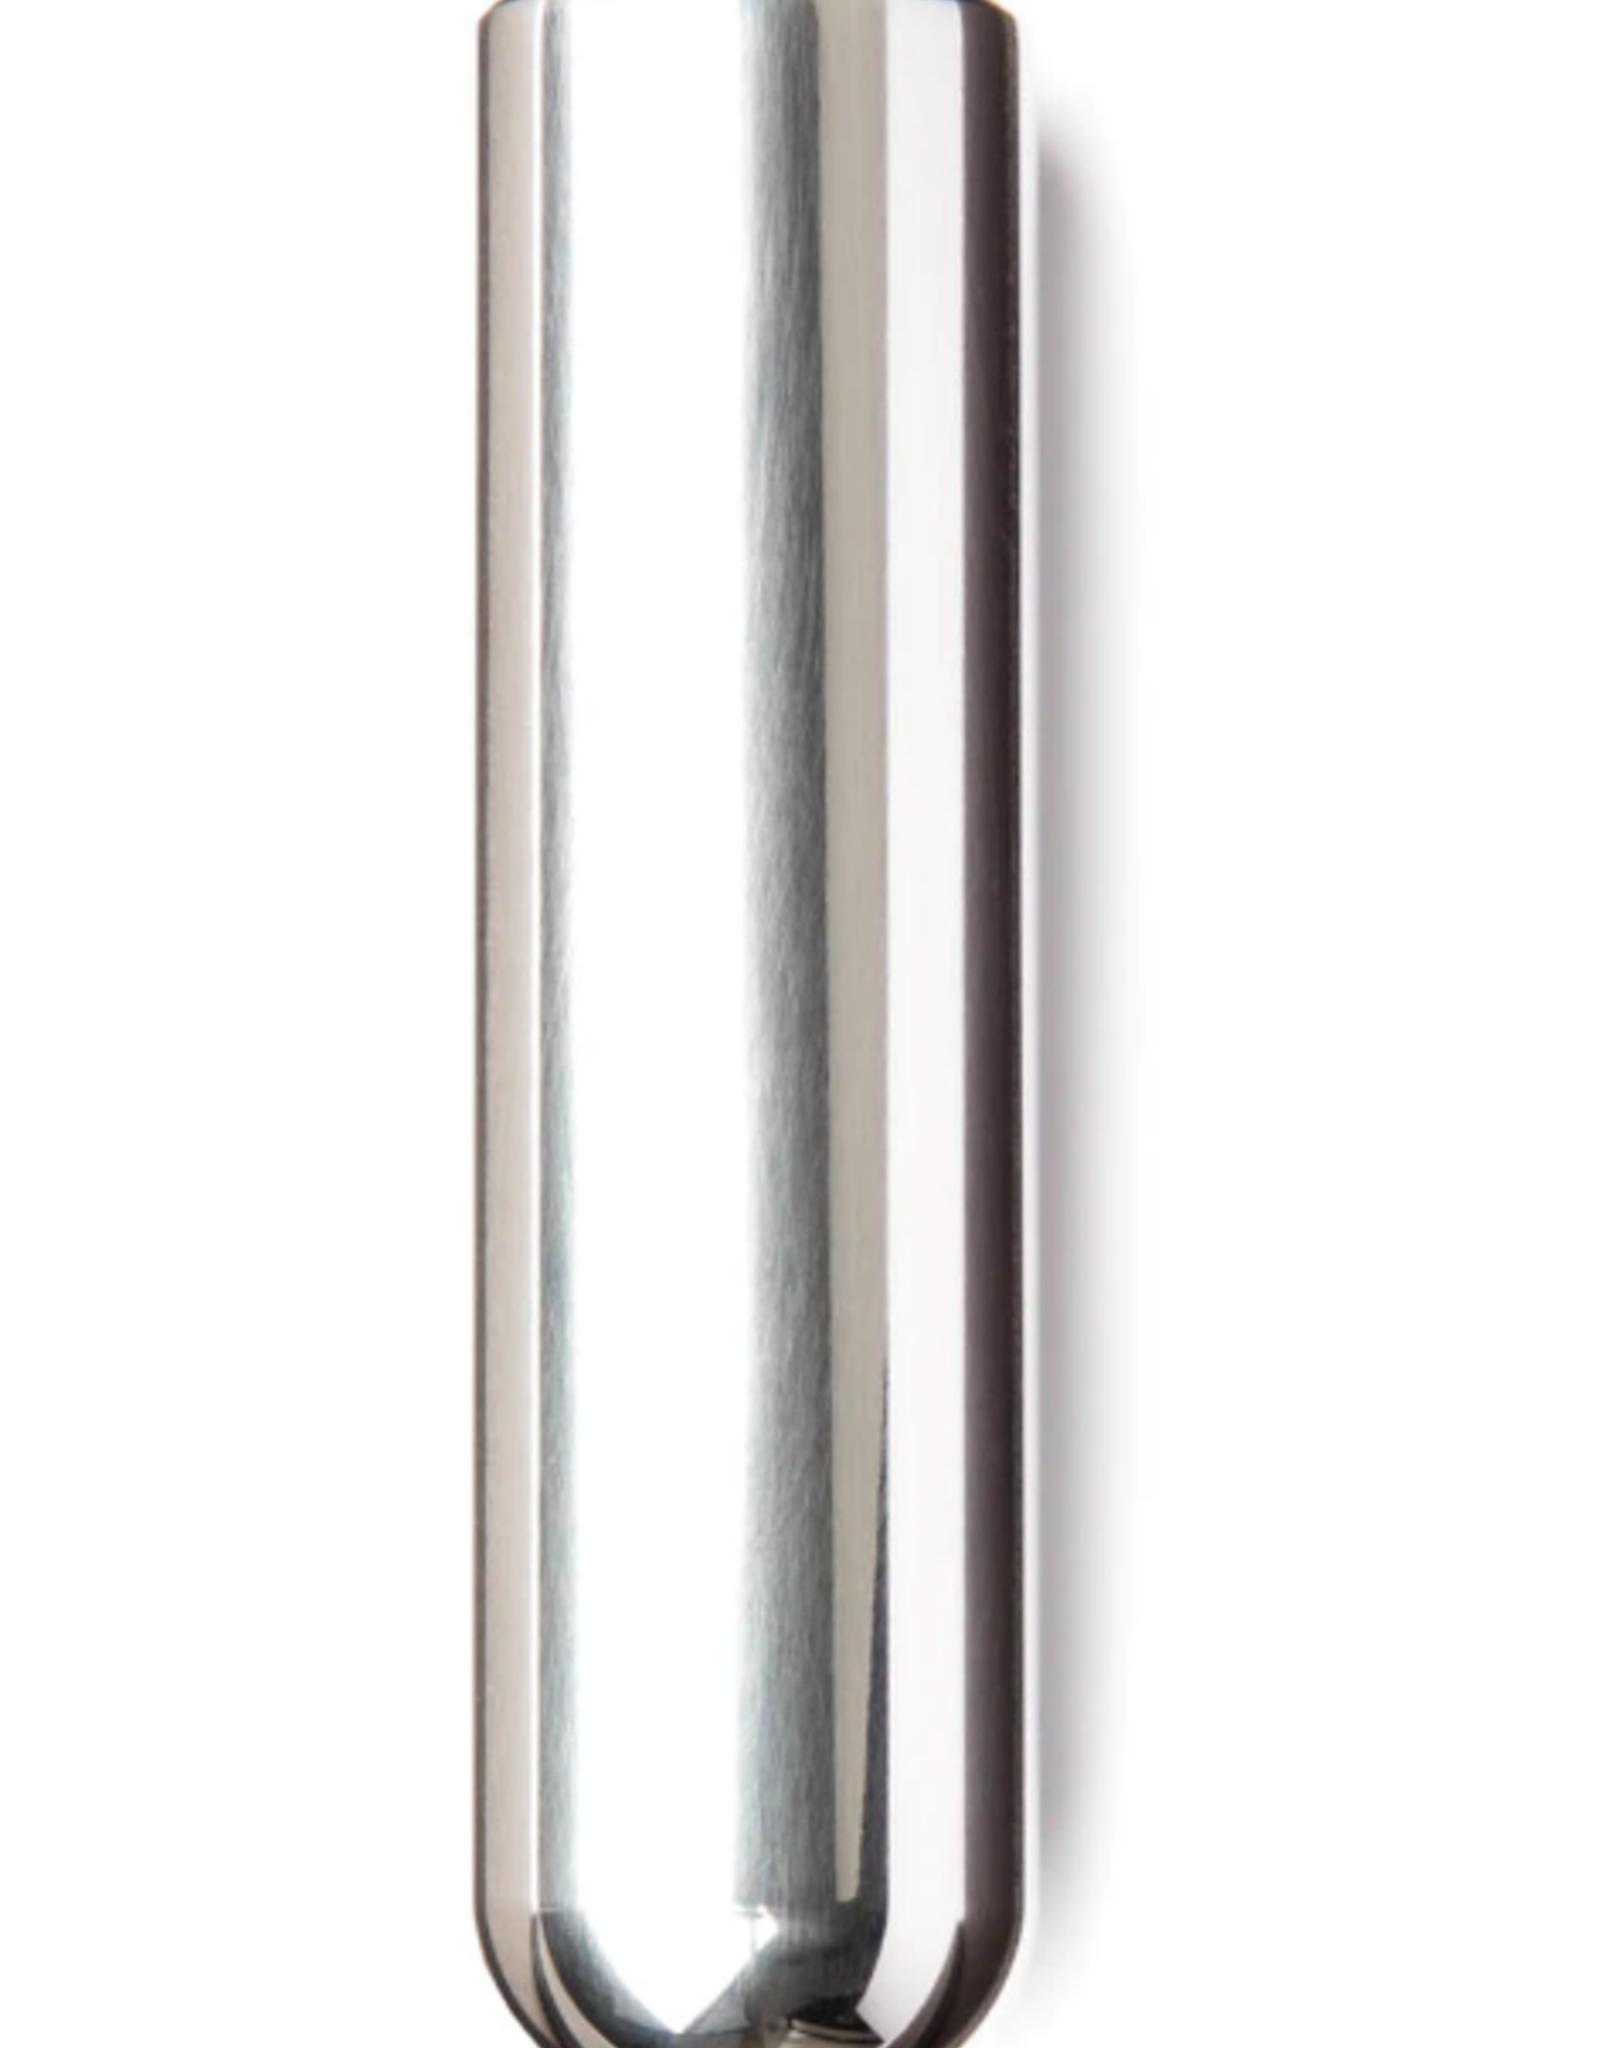 Dunlop Dunlop Stainless Steel Tonebar